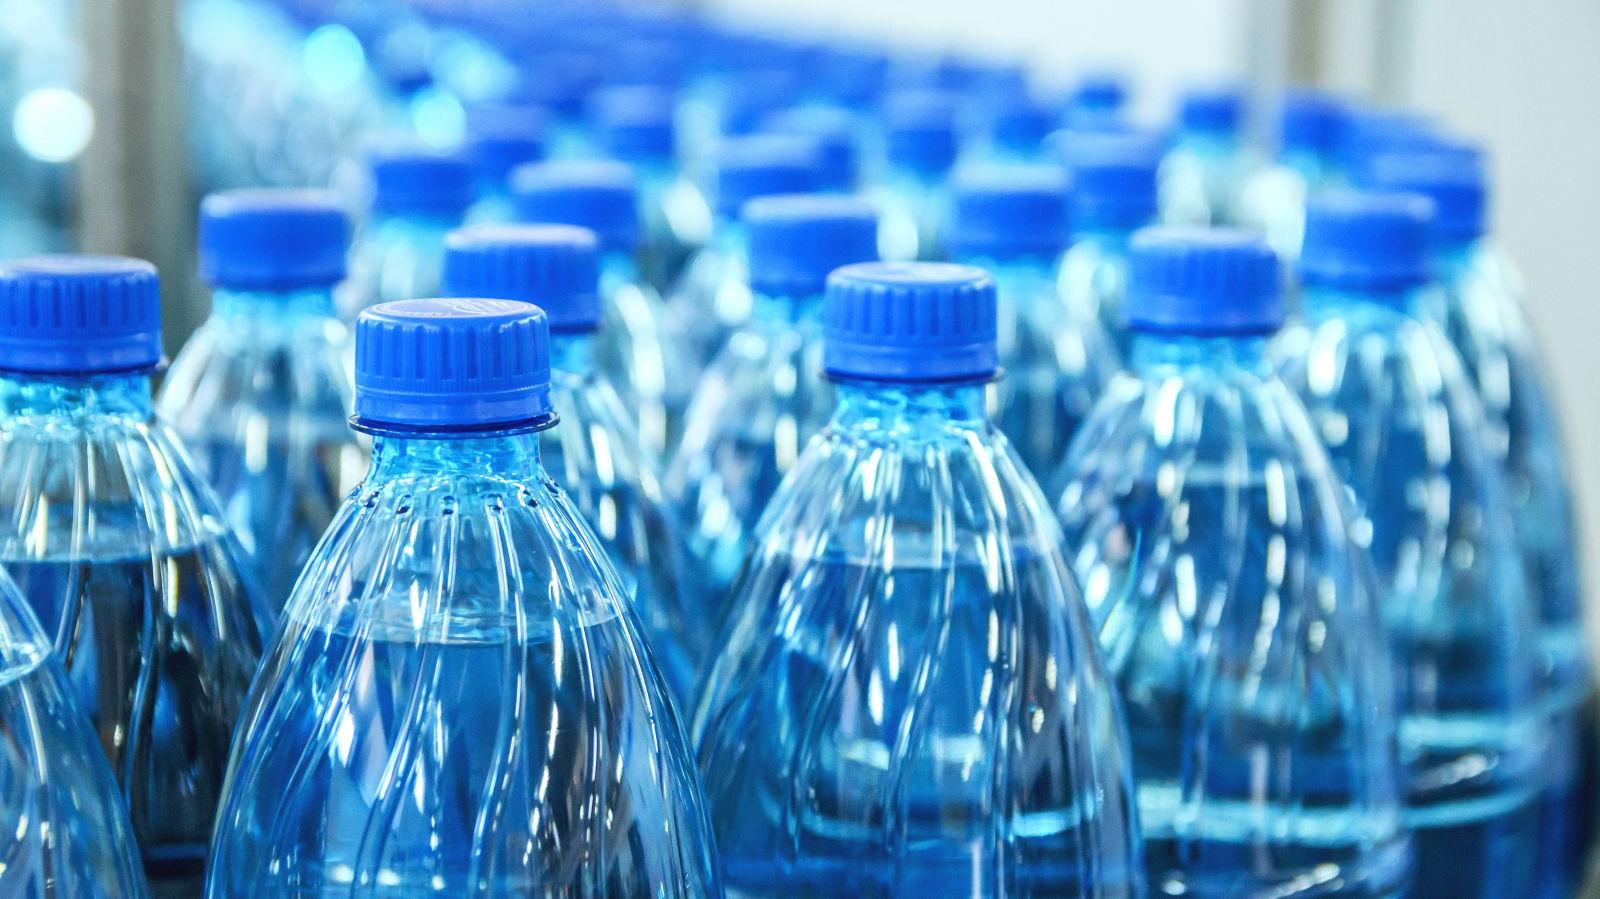 ペット ボトル 水 消費 期限